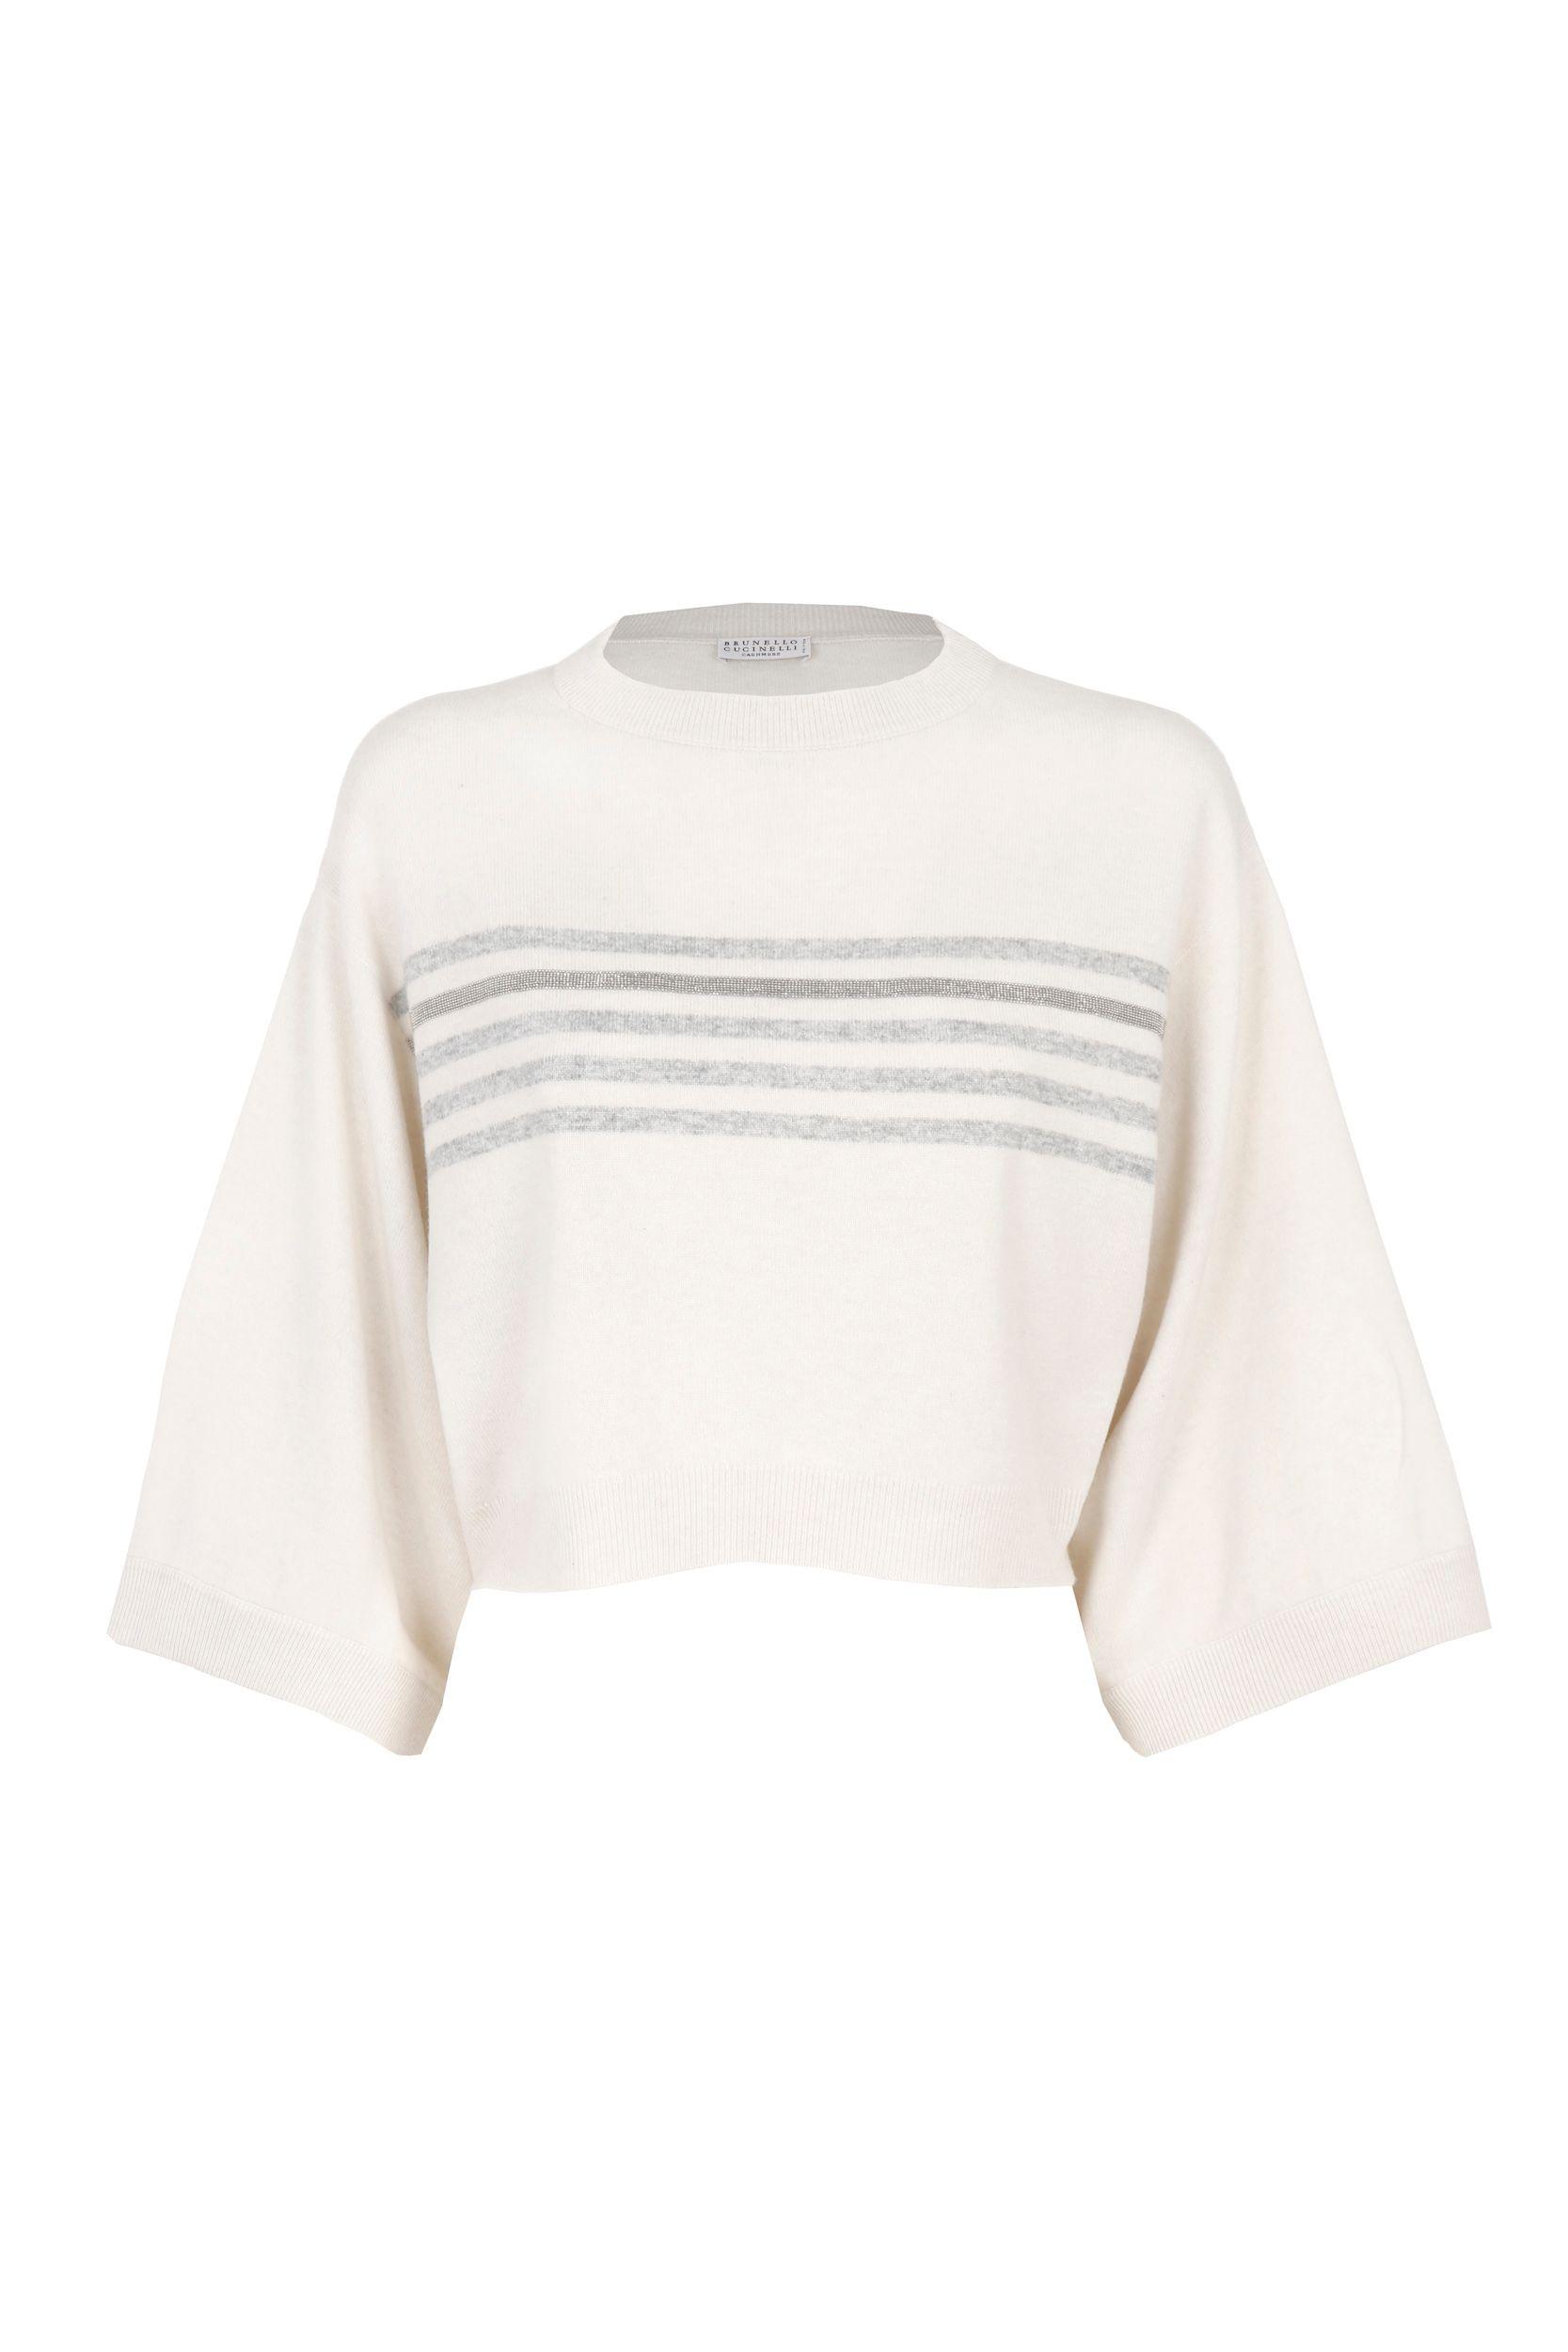 Brunello Cucinelli Wools BRUNELLO CUCINELLI WOMEN'S WHITE WOOL SWEATER